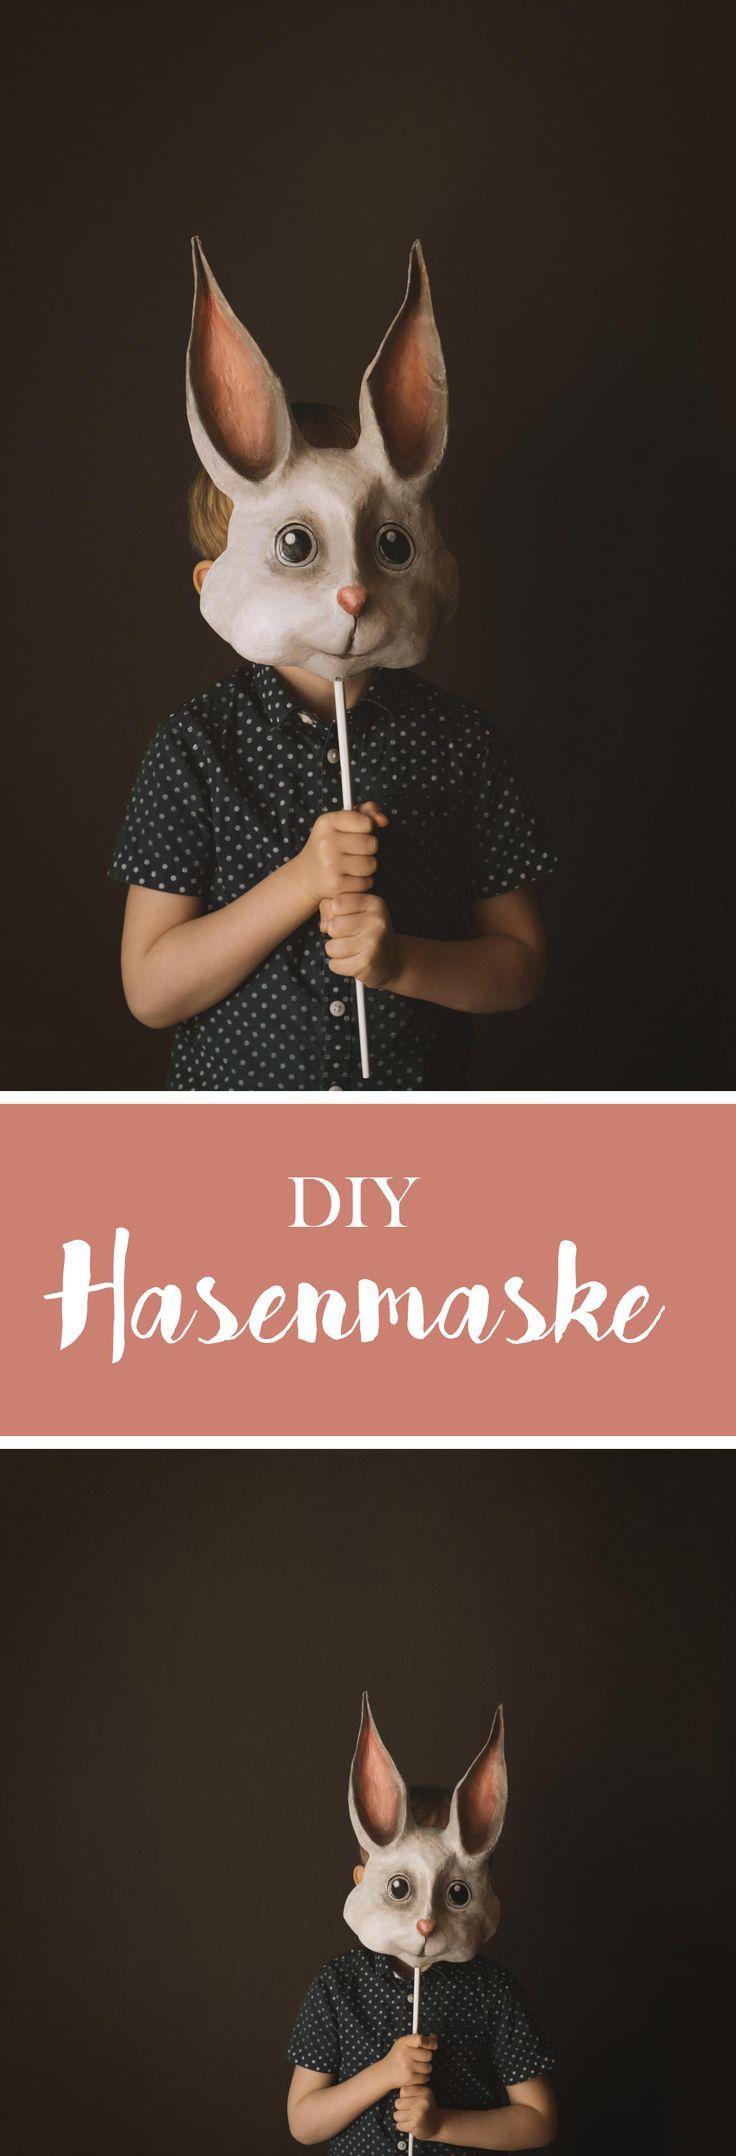 DIY Hasenmaske aus Pappmaché. Danach könnte man natürlich auch alle möglichen anderen Masken machen :)